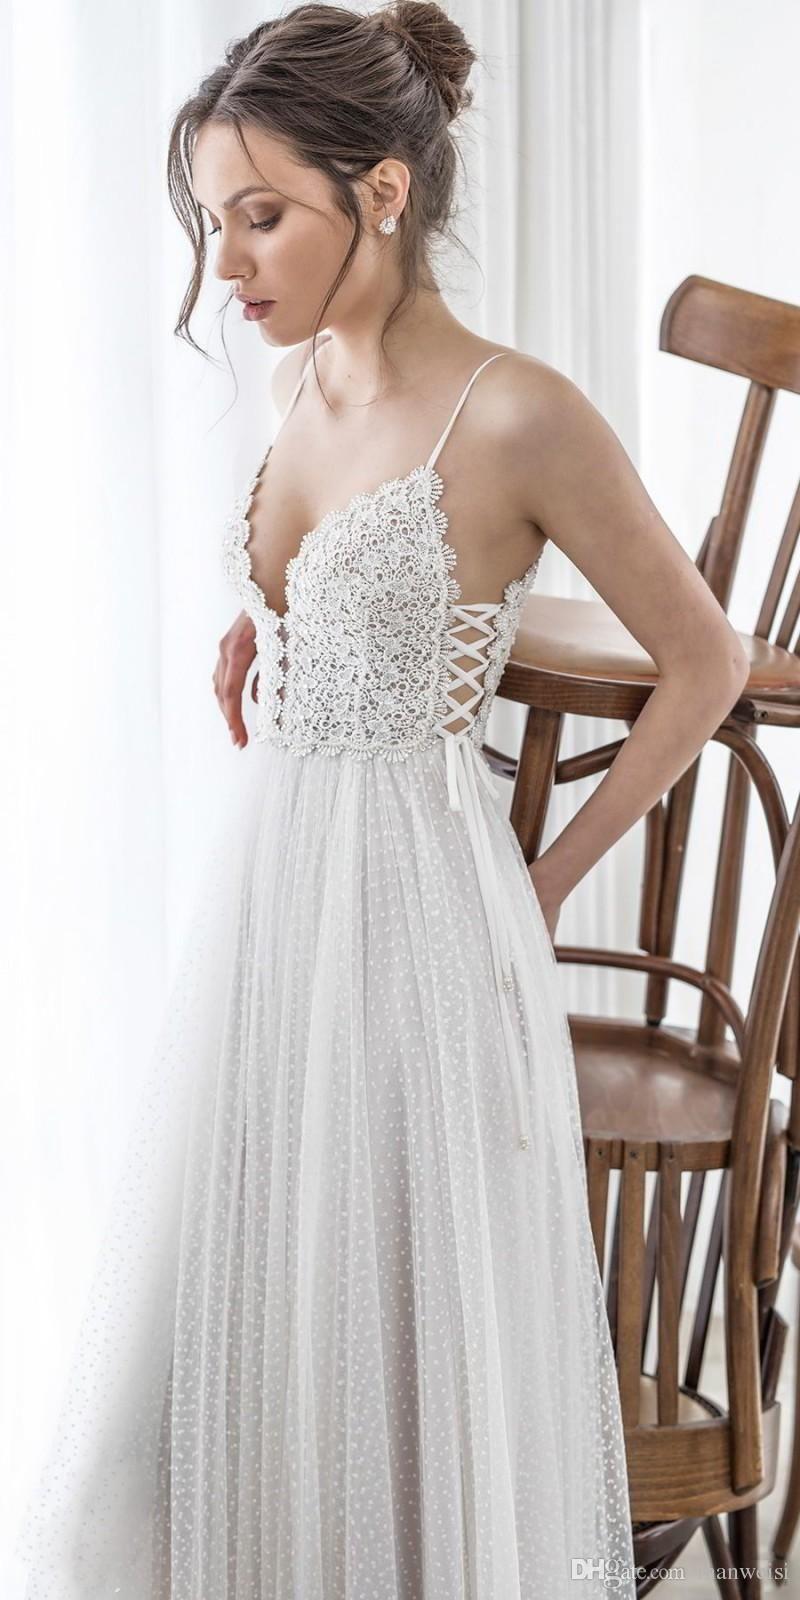 Hochzeitskleid Strand – Valentins Day  Hochzeitskleid strand